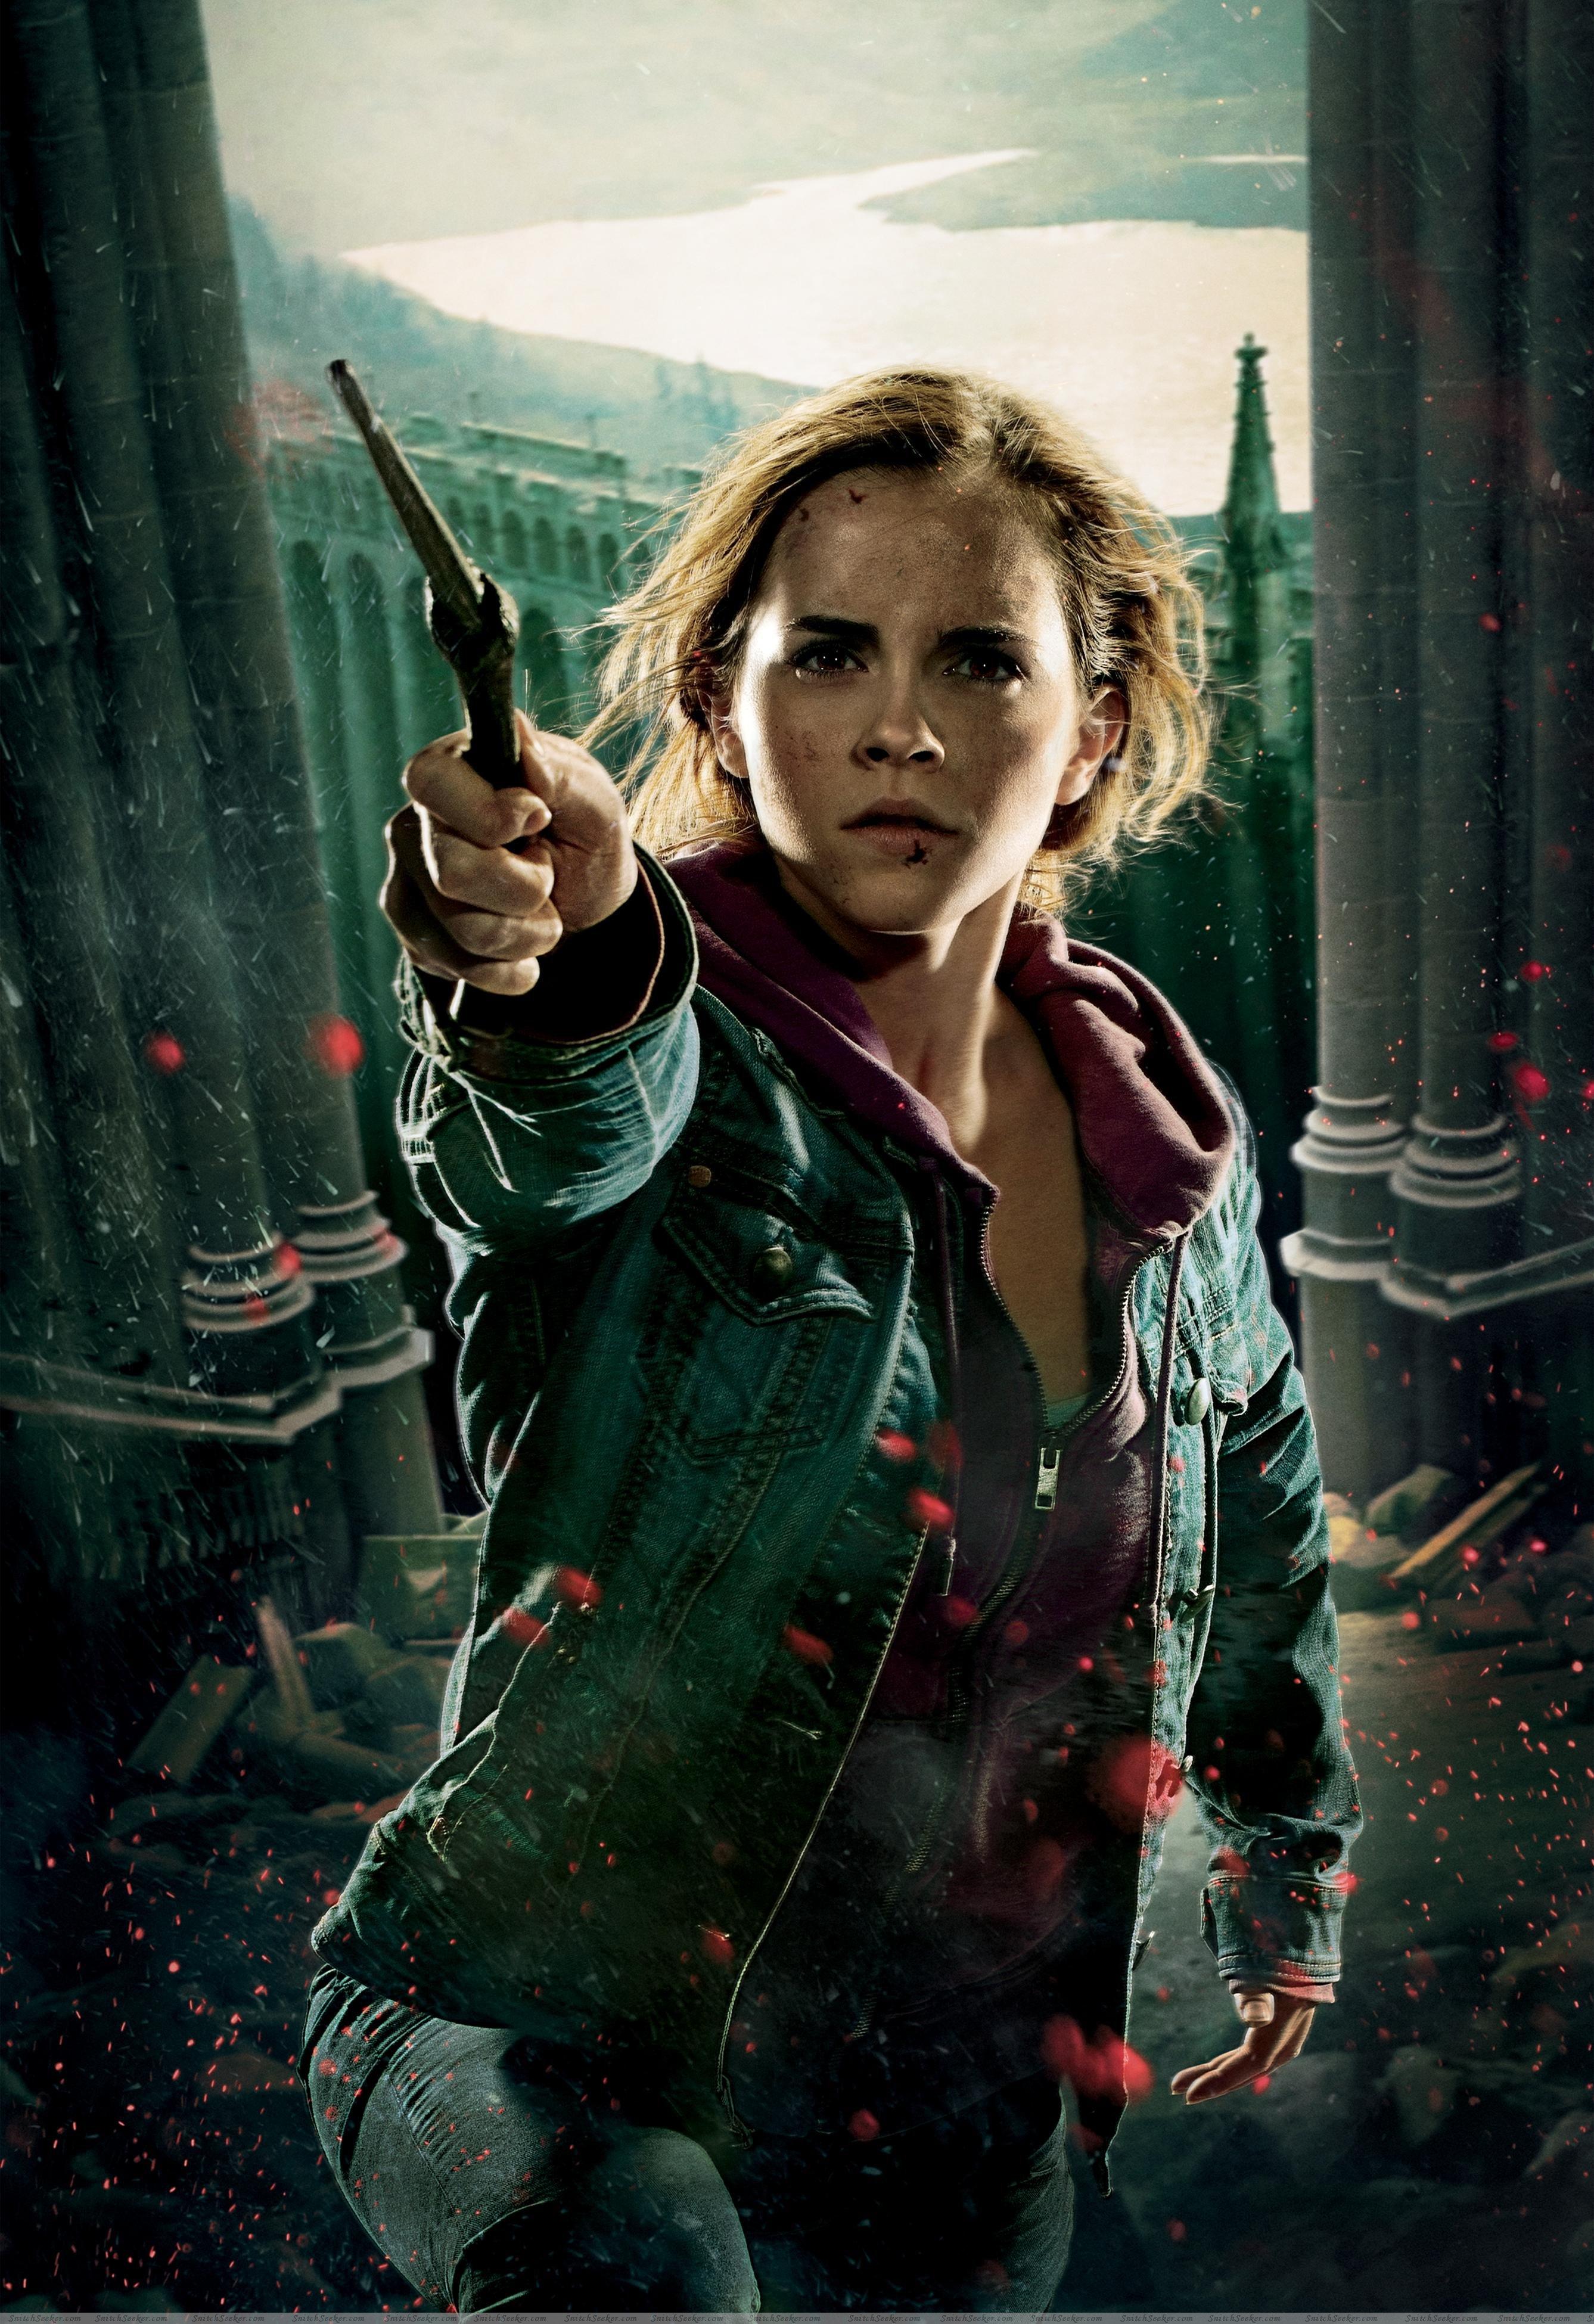 Hermione granger hermione granger